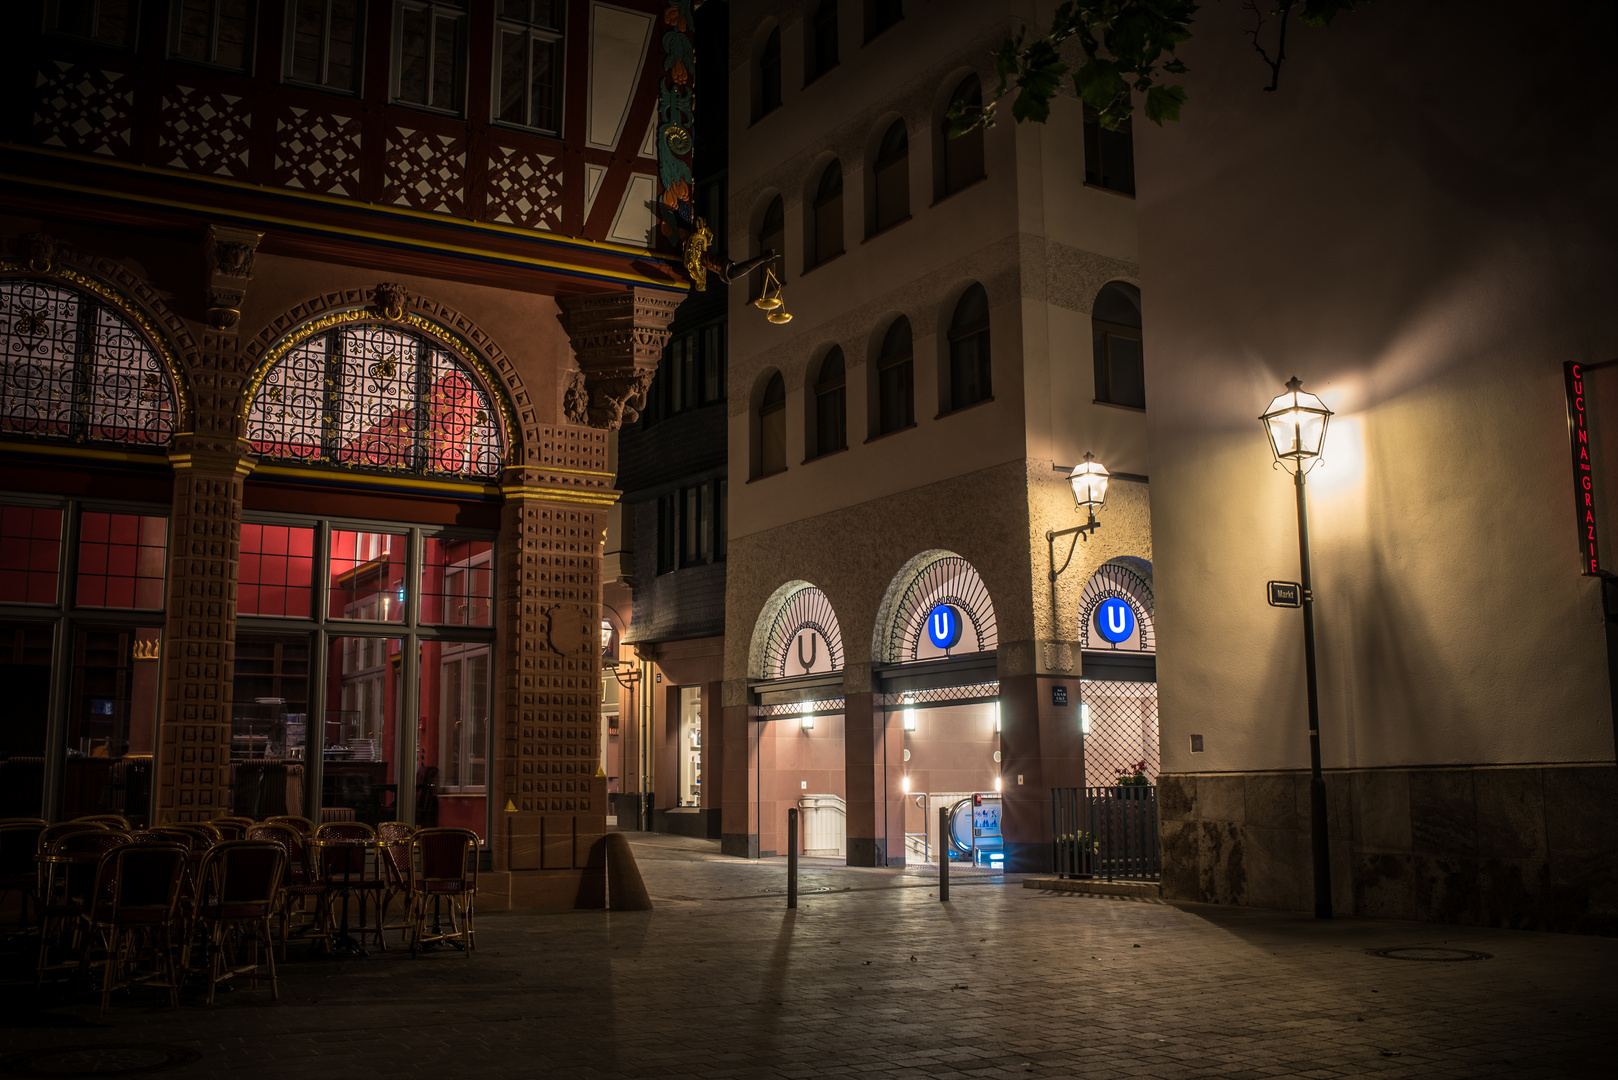 2019 Die Goldene Waage in Frankfurt nachts um 3.00 Uhr